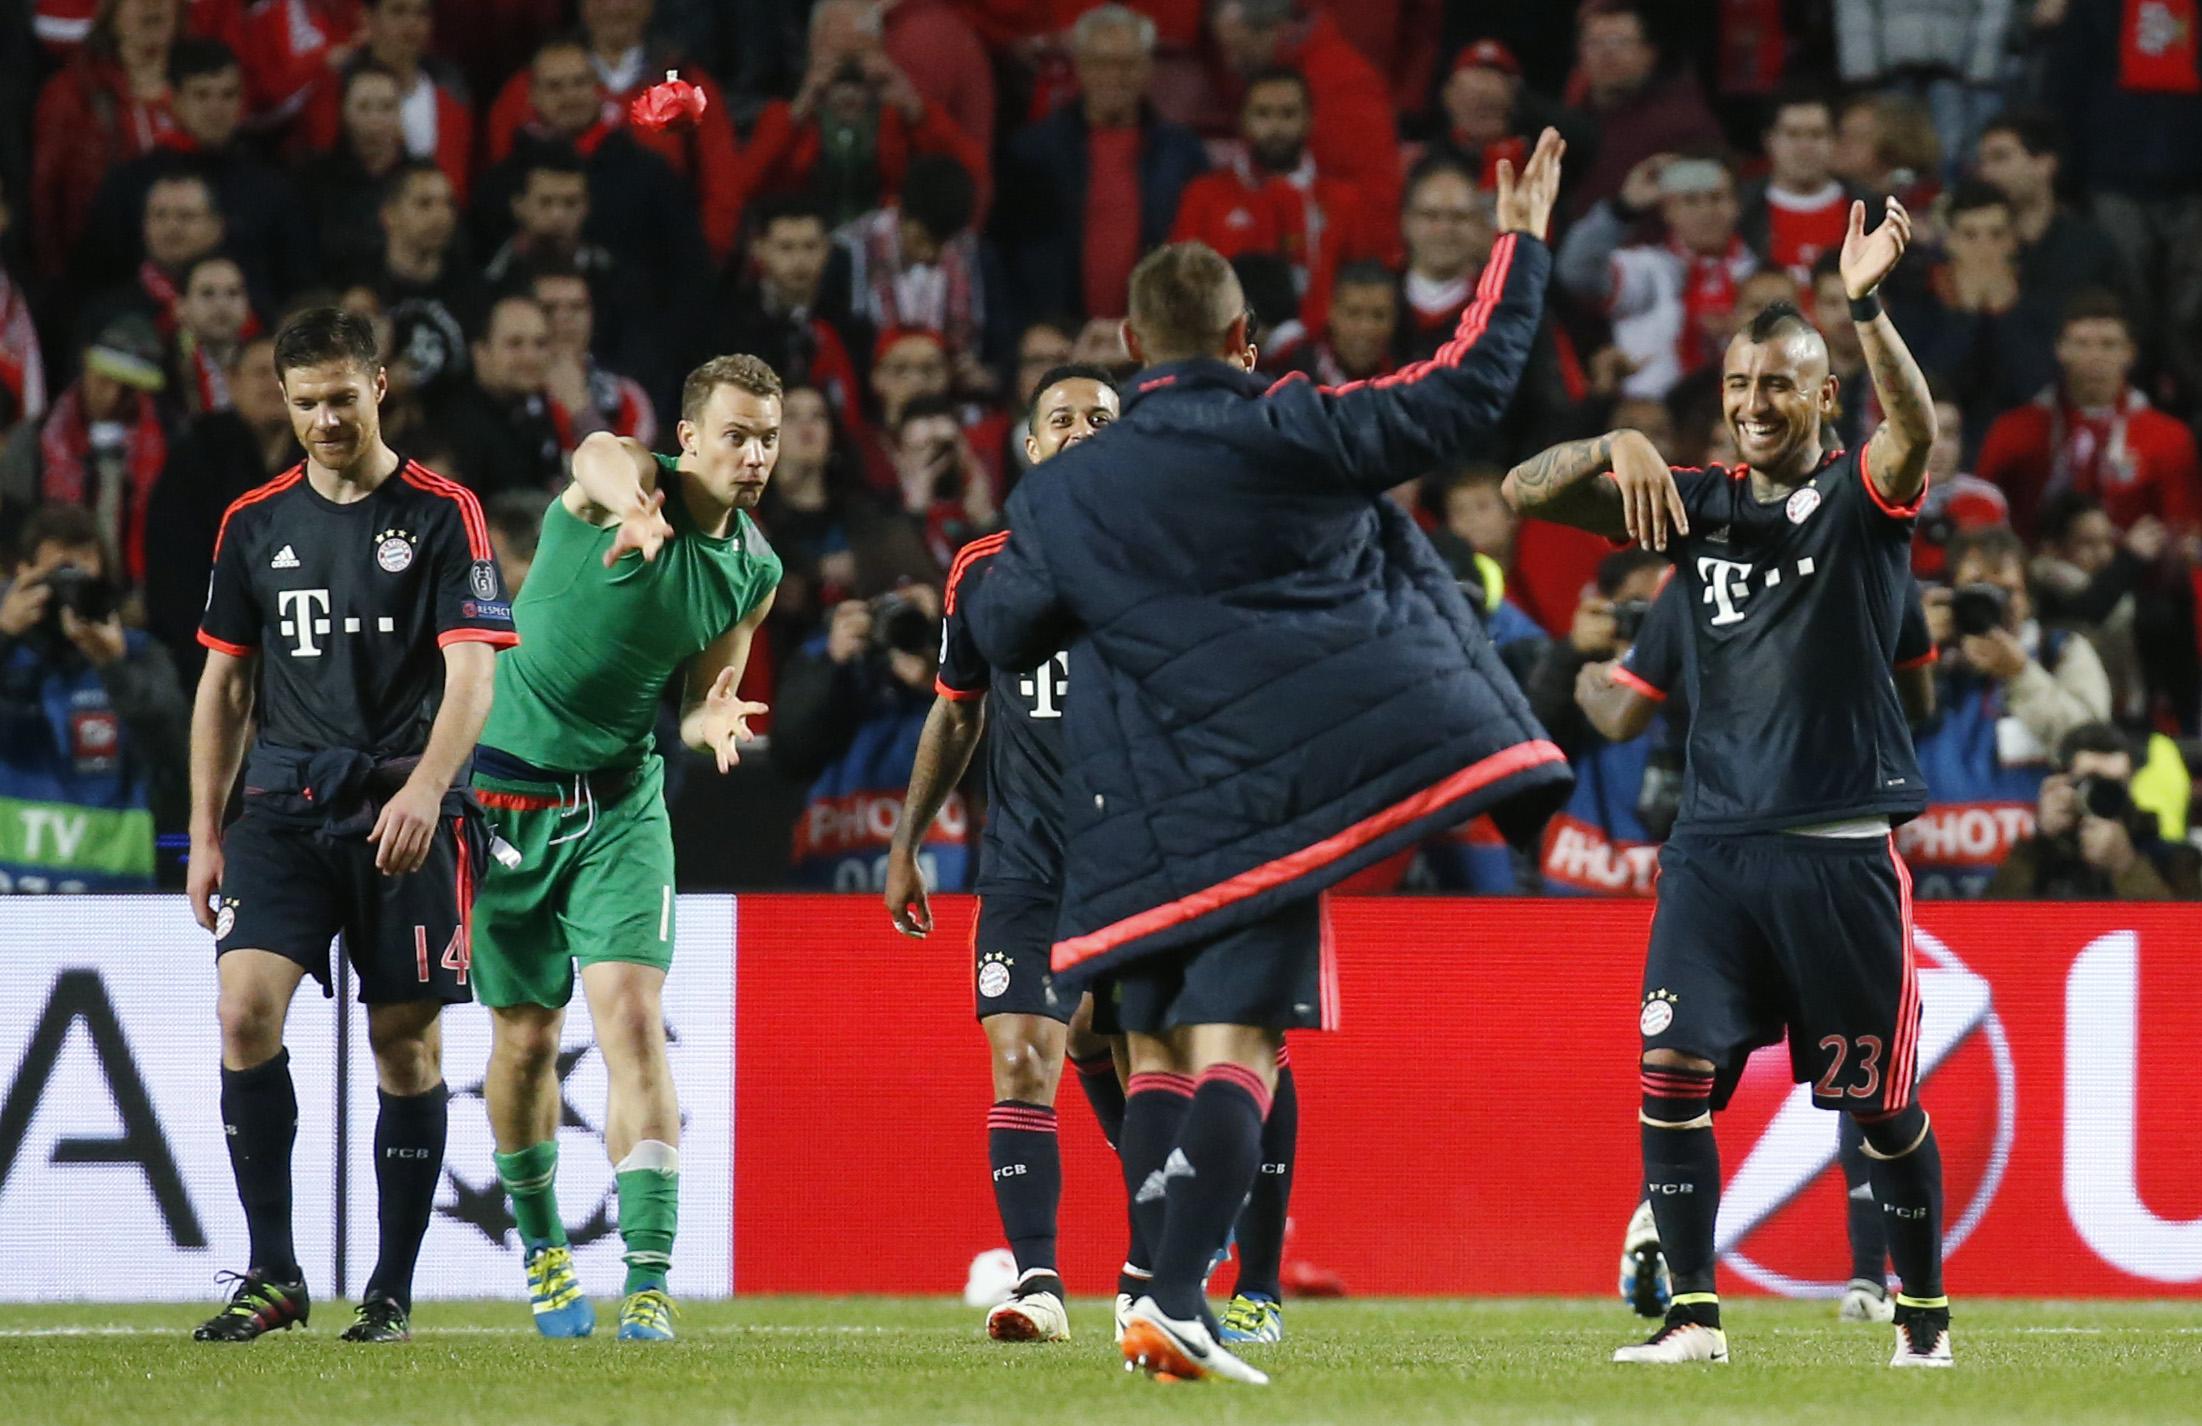 بايرن ينهي مغامرة بنفيكا ويصعد لقبل نهائي دوري أبطال أوروبا